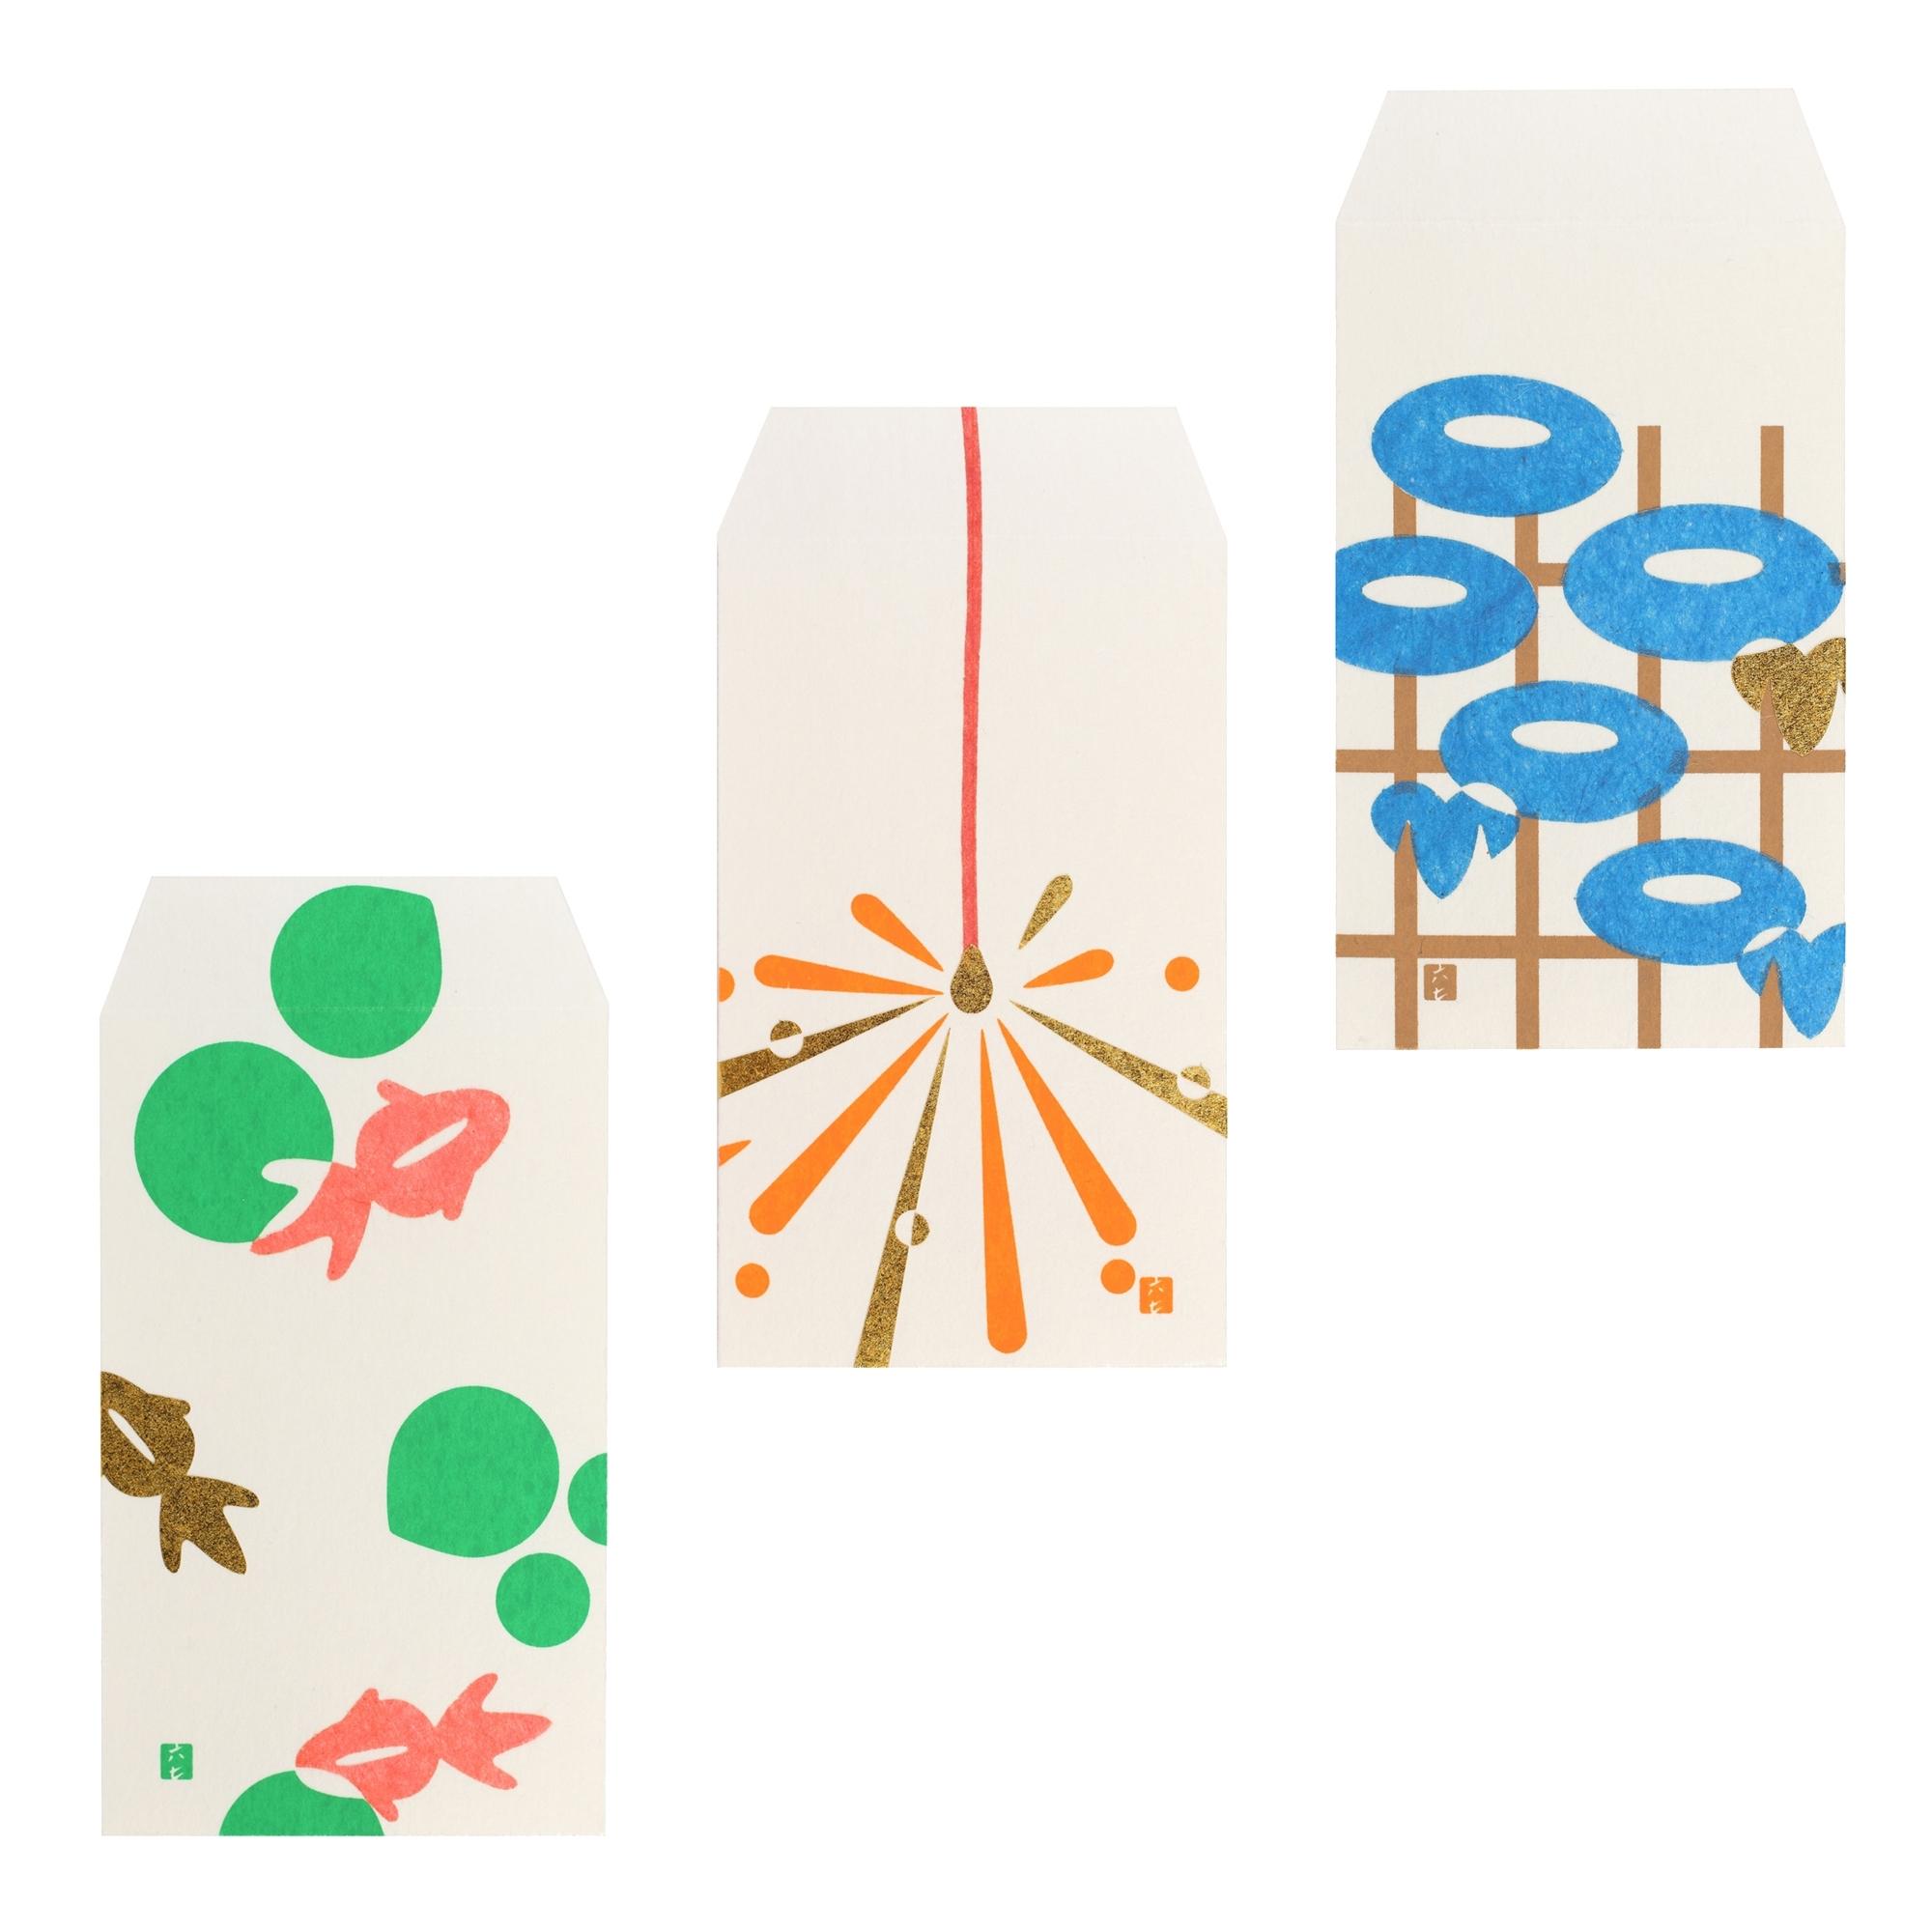 ぽち袋   販売価格:金魚、線香花火、朝顔 各300円 美濃和紙を使ったぽち袋に、色鮮やかな阿波和紙・越前和紙・美濃和紙の貼り絵で、日本の風景を描いた。